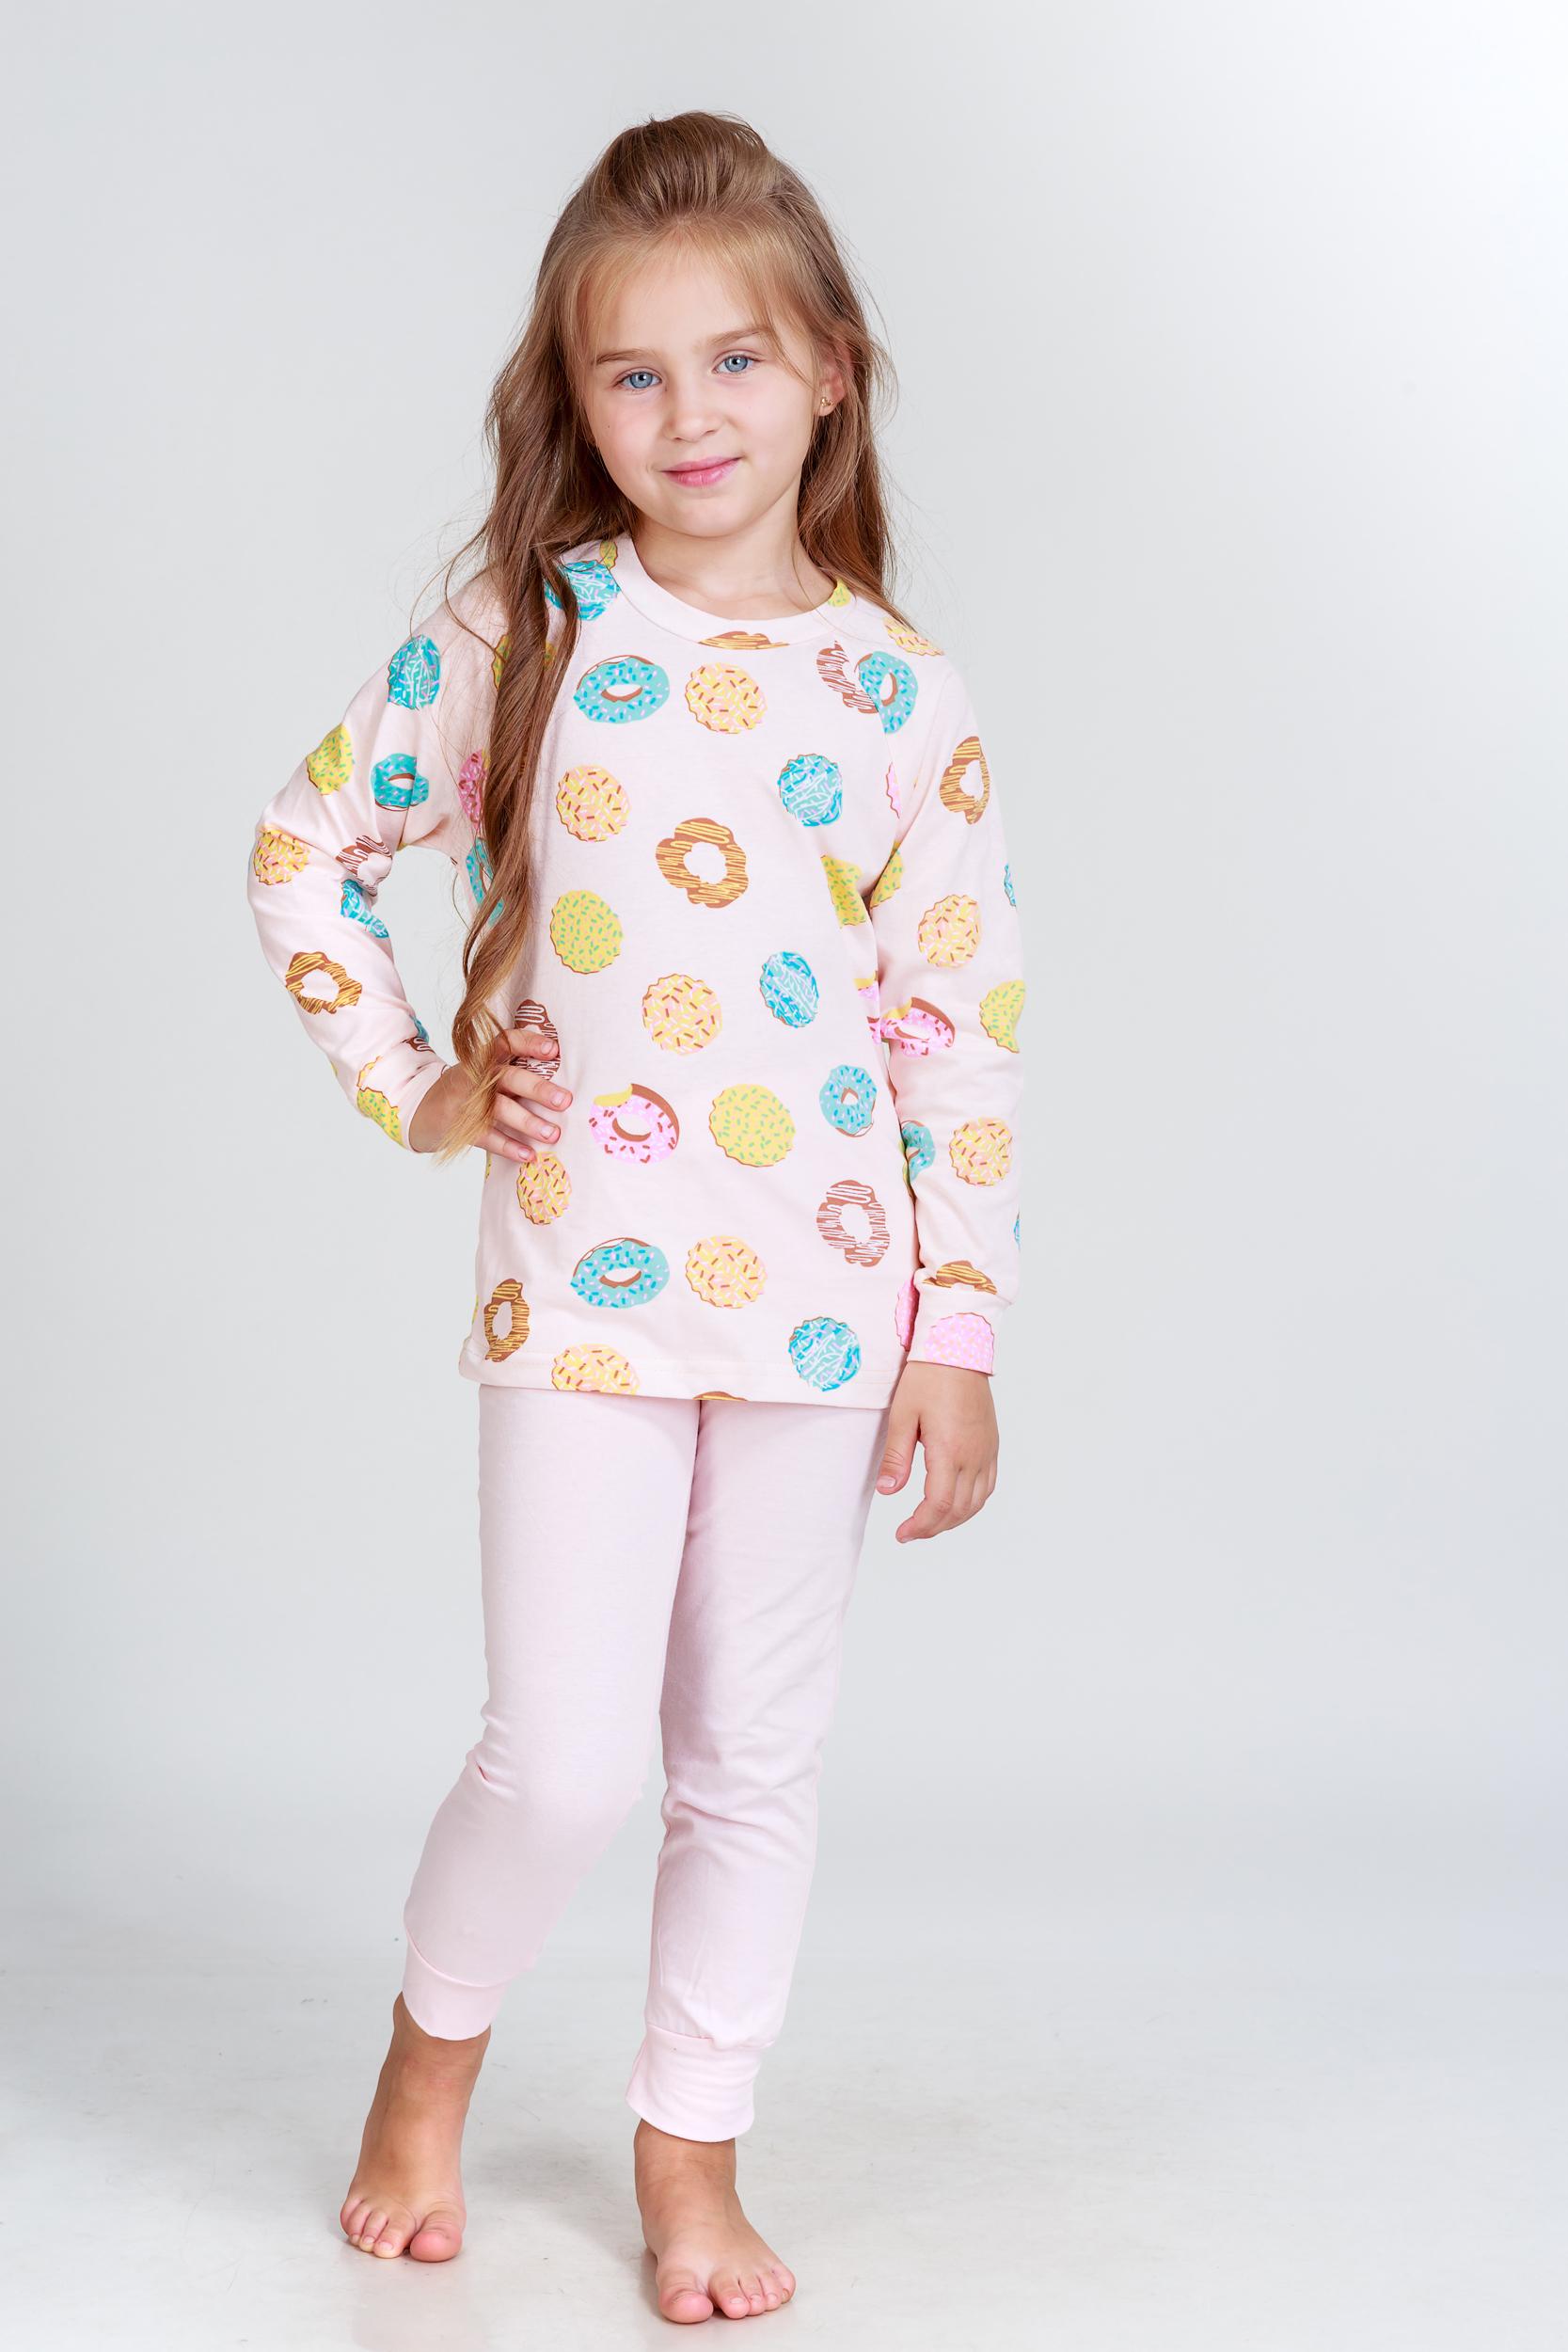 Детские пижамы Pastilla Детская пижама Лакомка Цвет: Пудровый (7-8 лет) детские пижамы pastilla детская пижама лакомка 2 цвет пудровый 7 лет